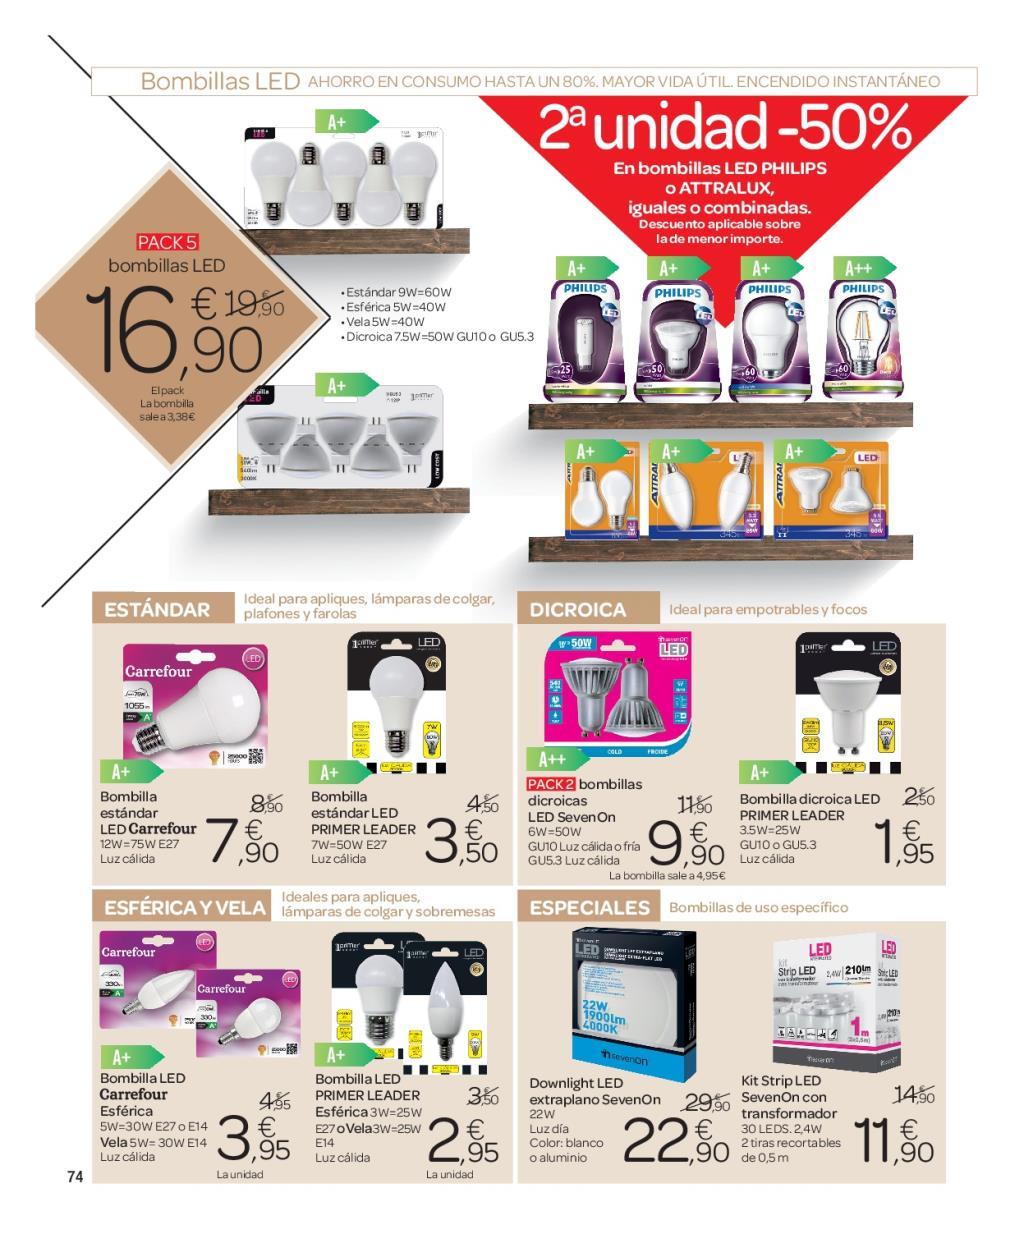 Iluminacion Baño Carrefour:Carrefour: catálogo de decoración 2016 (72/74)